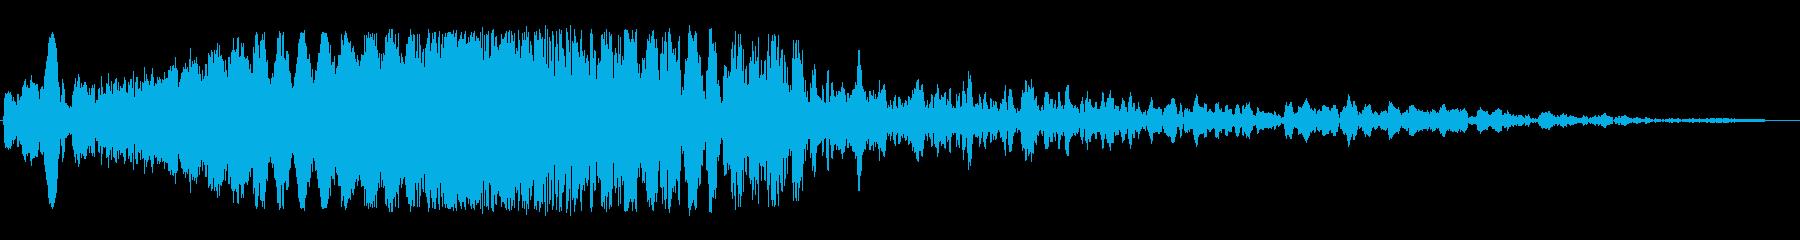 ウィーン(SFのワープ音)の再生済みの波形